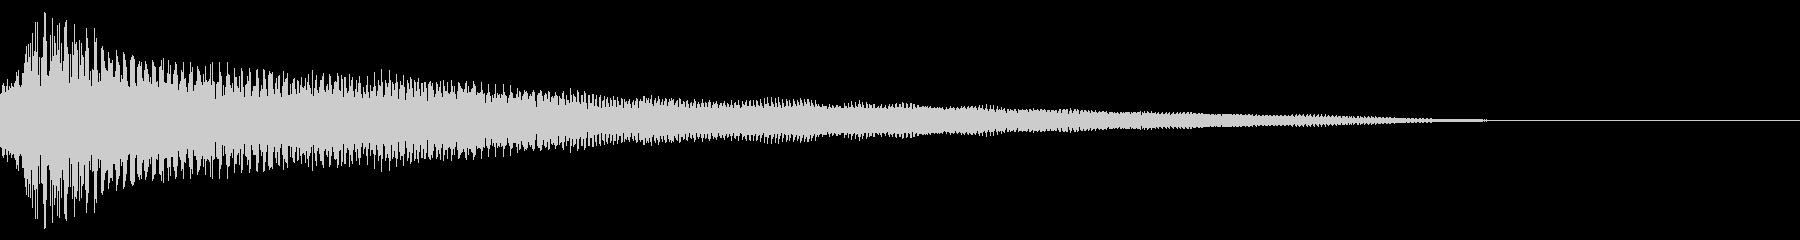 繊細で絹のような音と繊細なハーモニーの未再生の波形